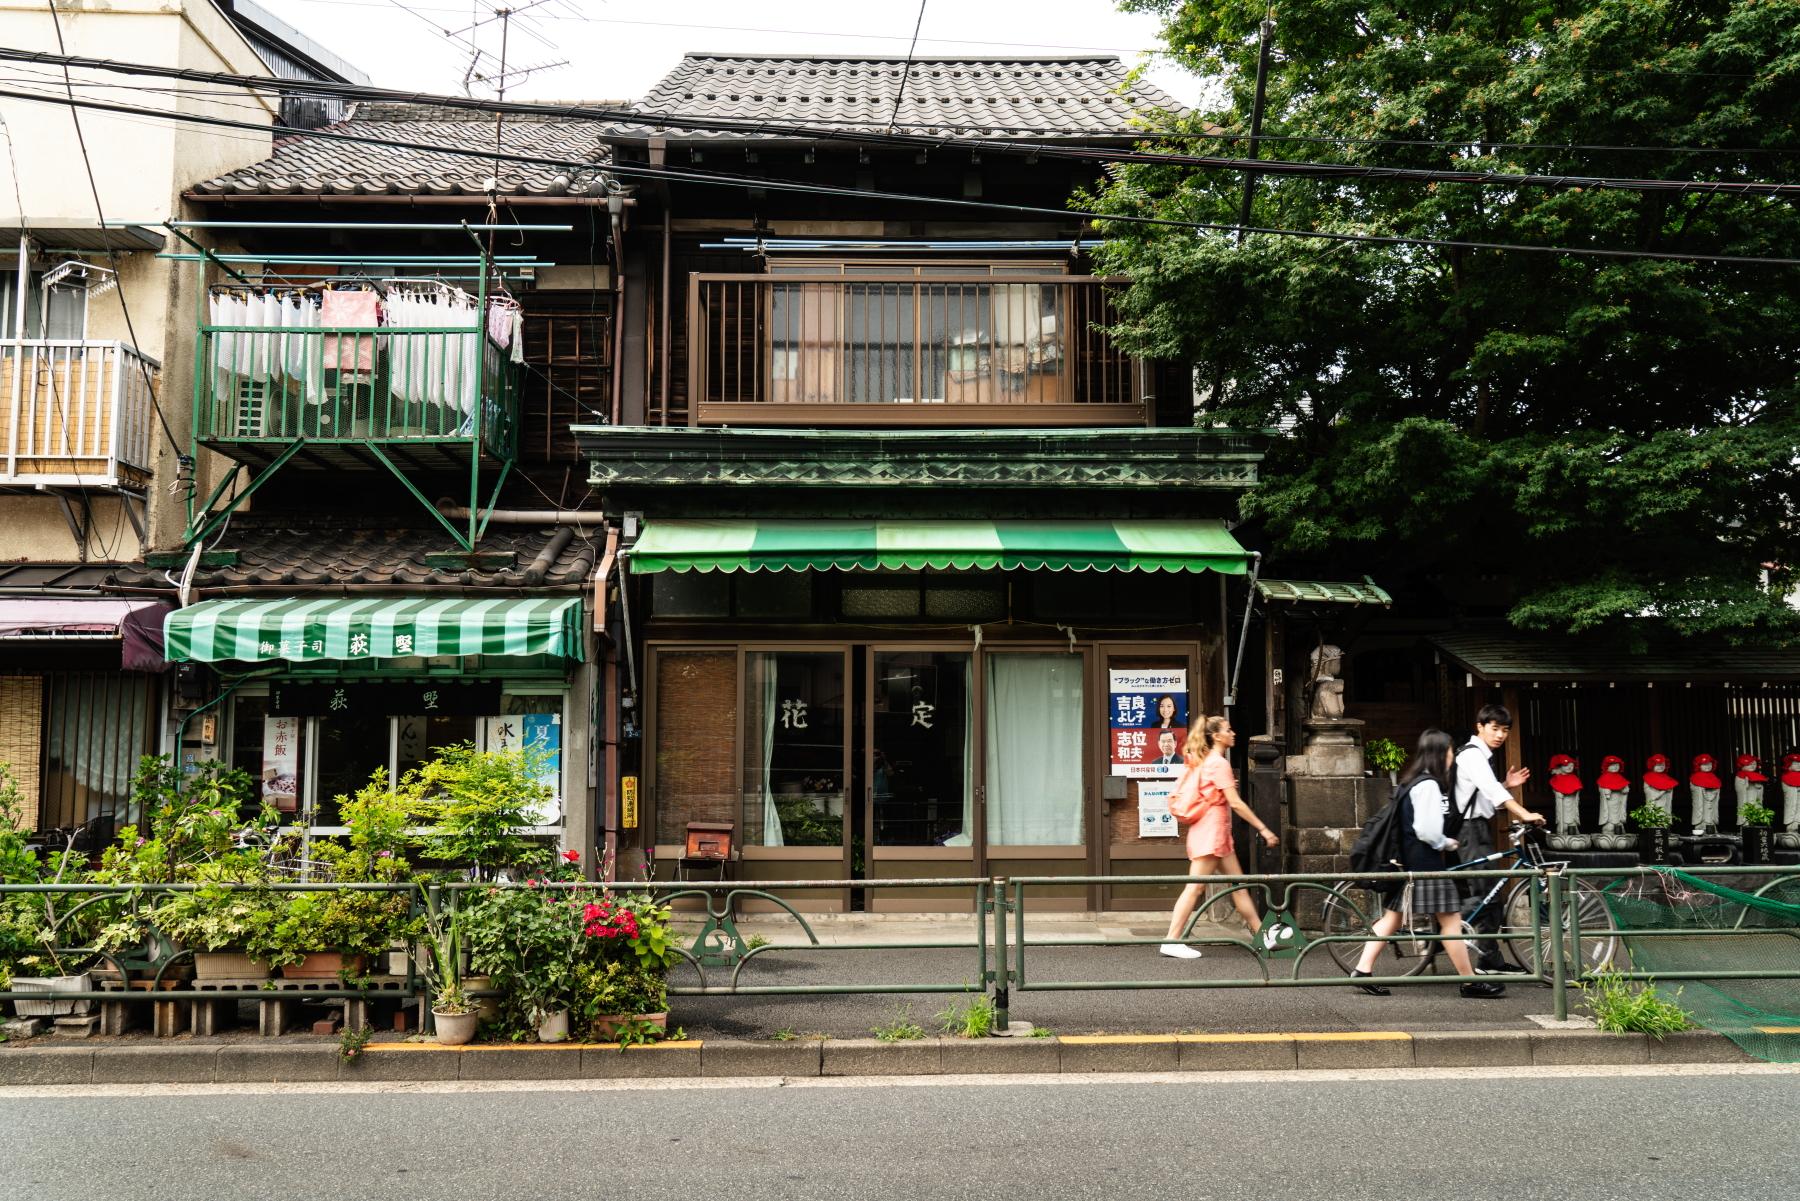 tokyo history tour shops at top of donkanyama